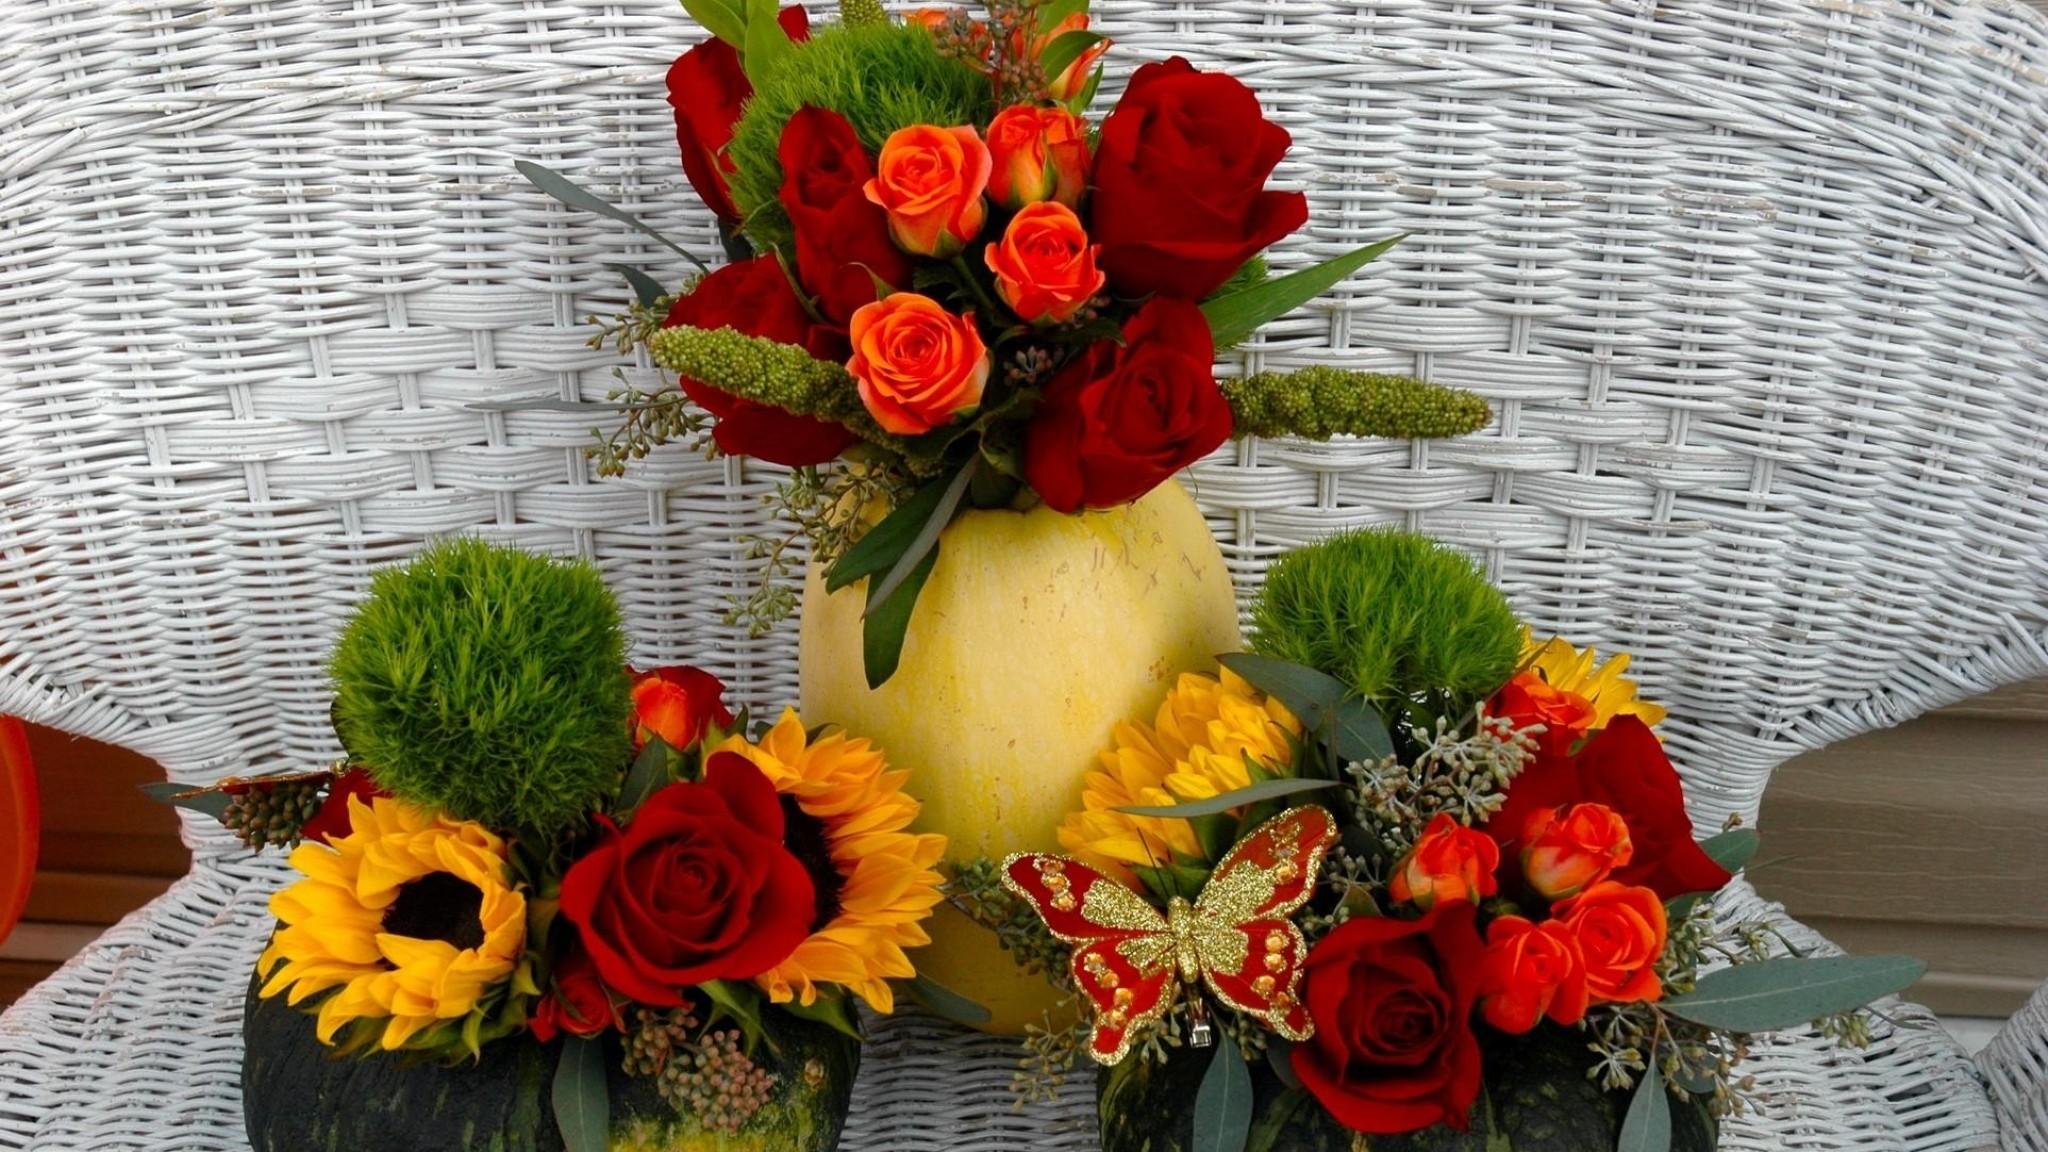 Wallpaper roses, sunflowers, flowers, pumpkins, song, butterfly